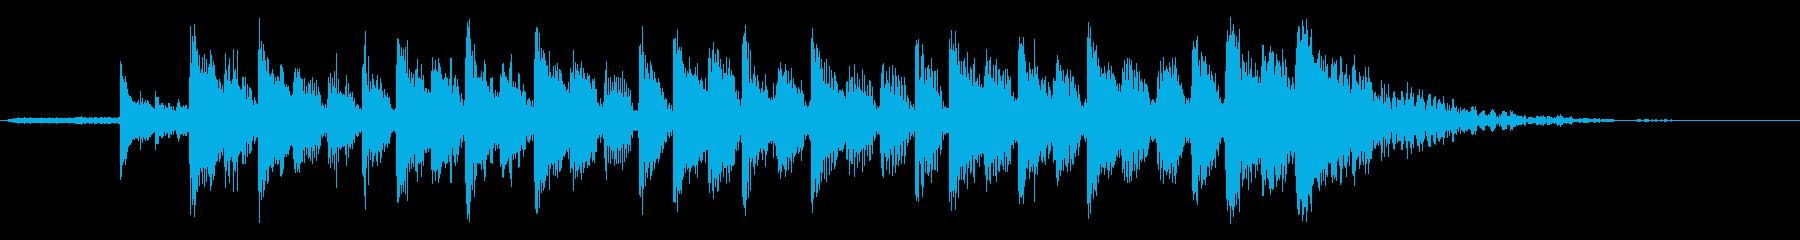 究極の目標ALT。混合の再生済みの波形